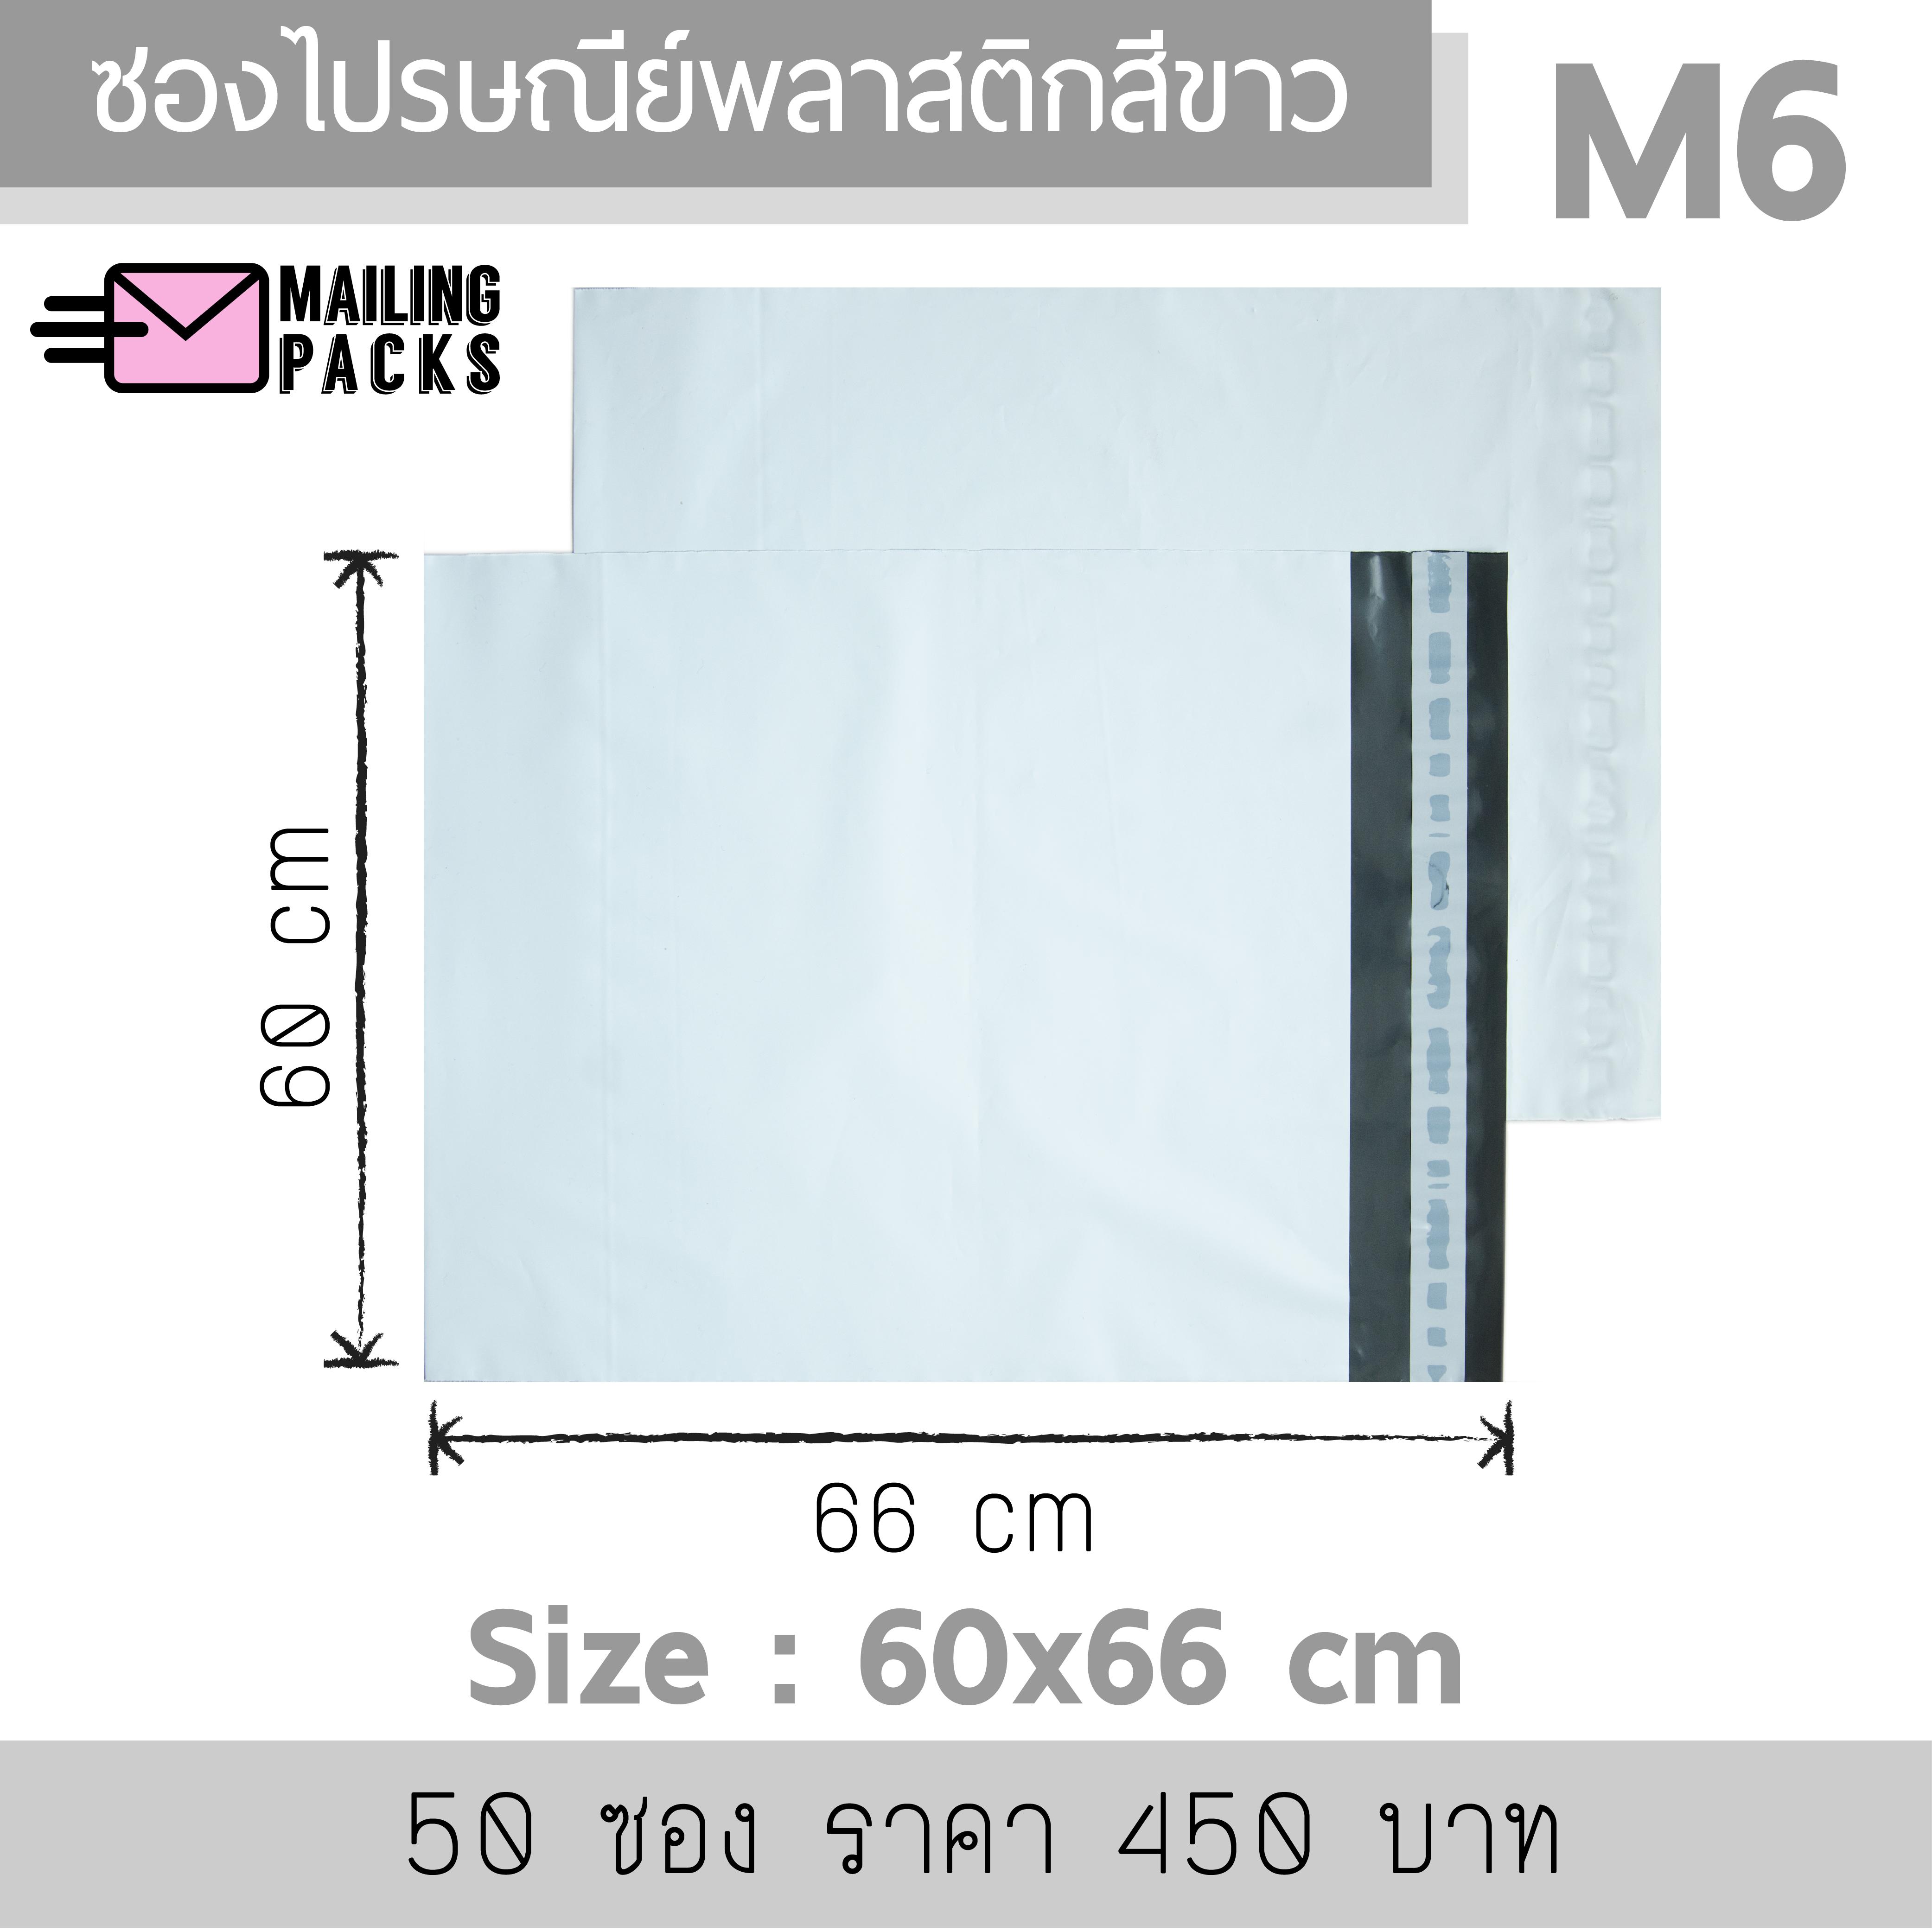 ซองไปรษณีย์พลาสติก สีขาว M6 : 60*66 cm ( 50 ซอง)